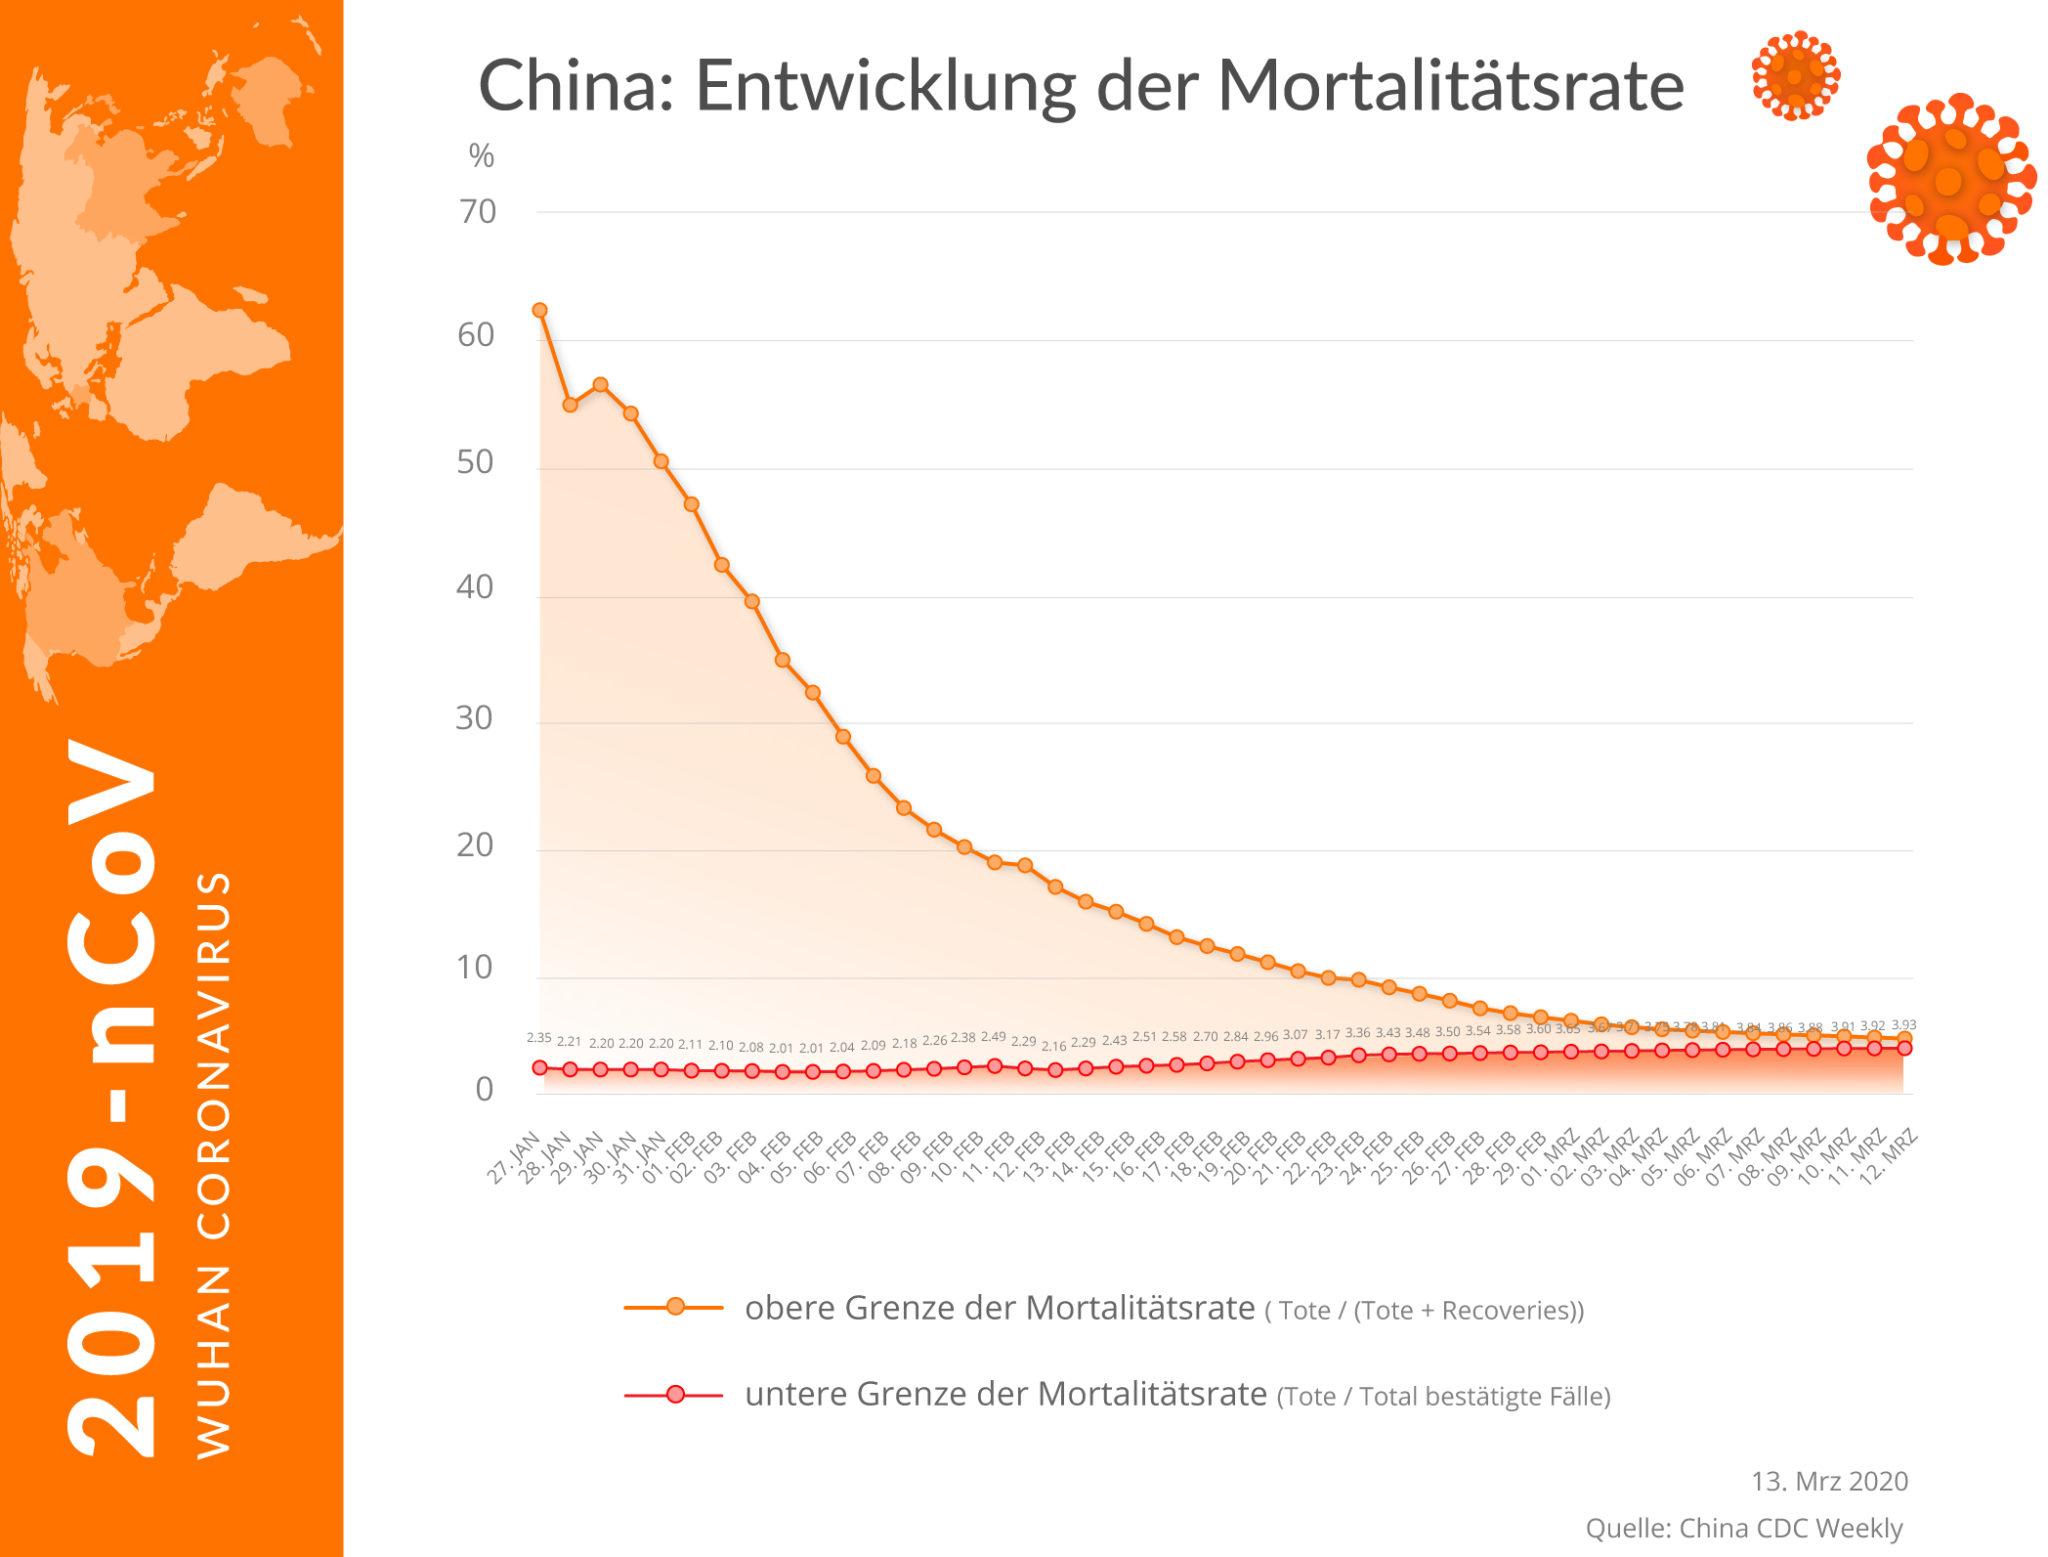 entwicklung der mortalitätsrate in china 13032020